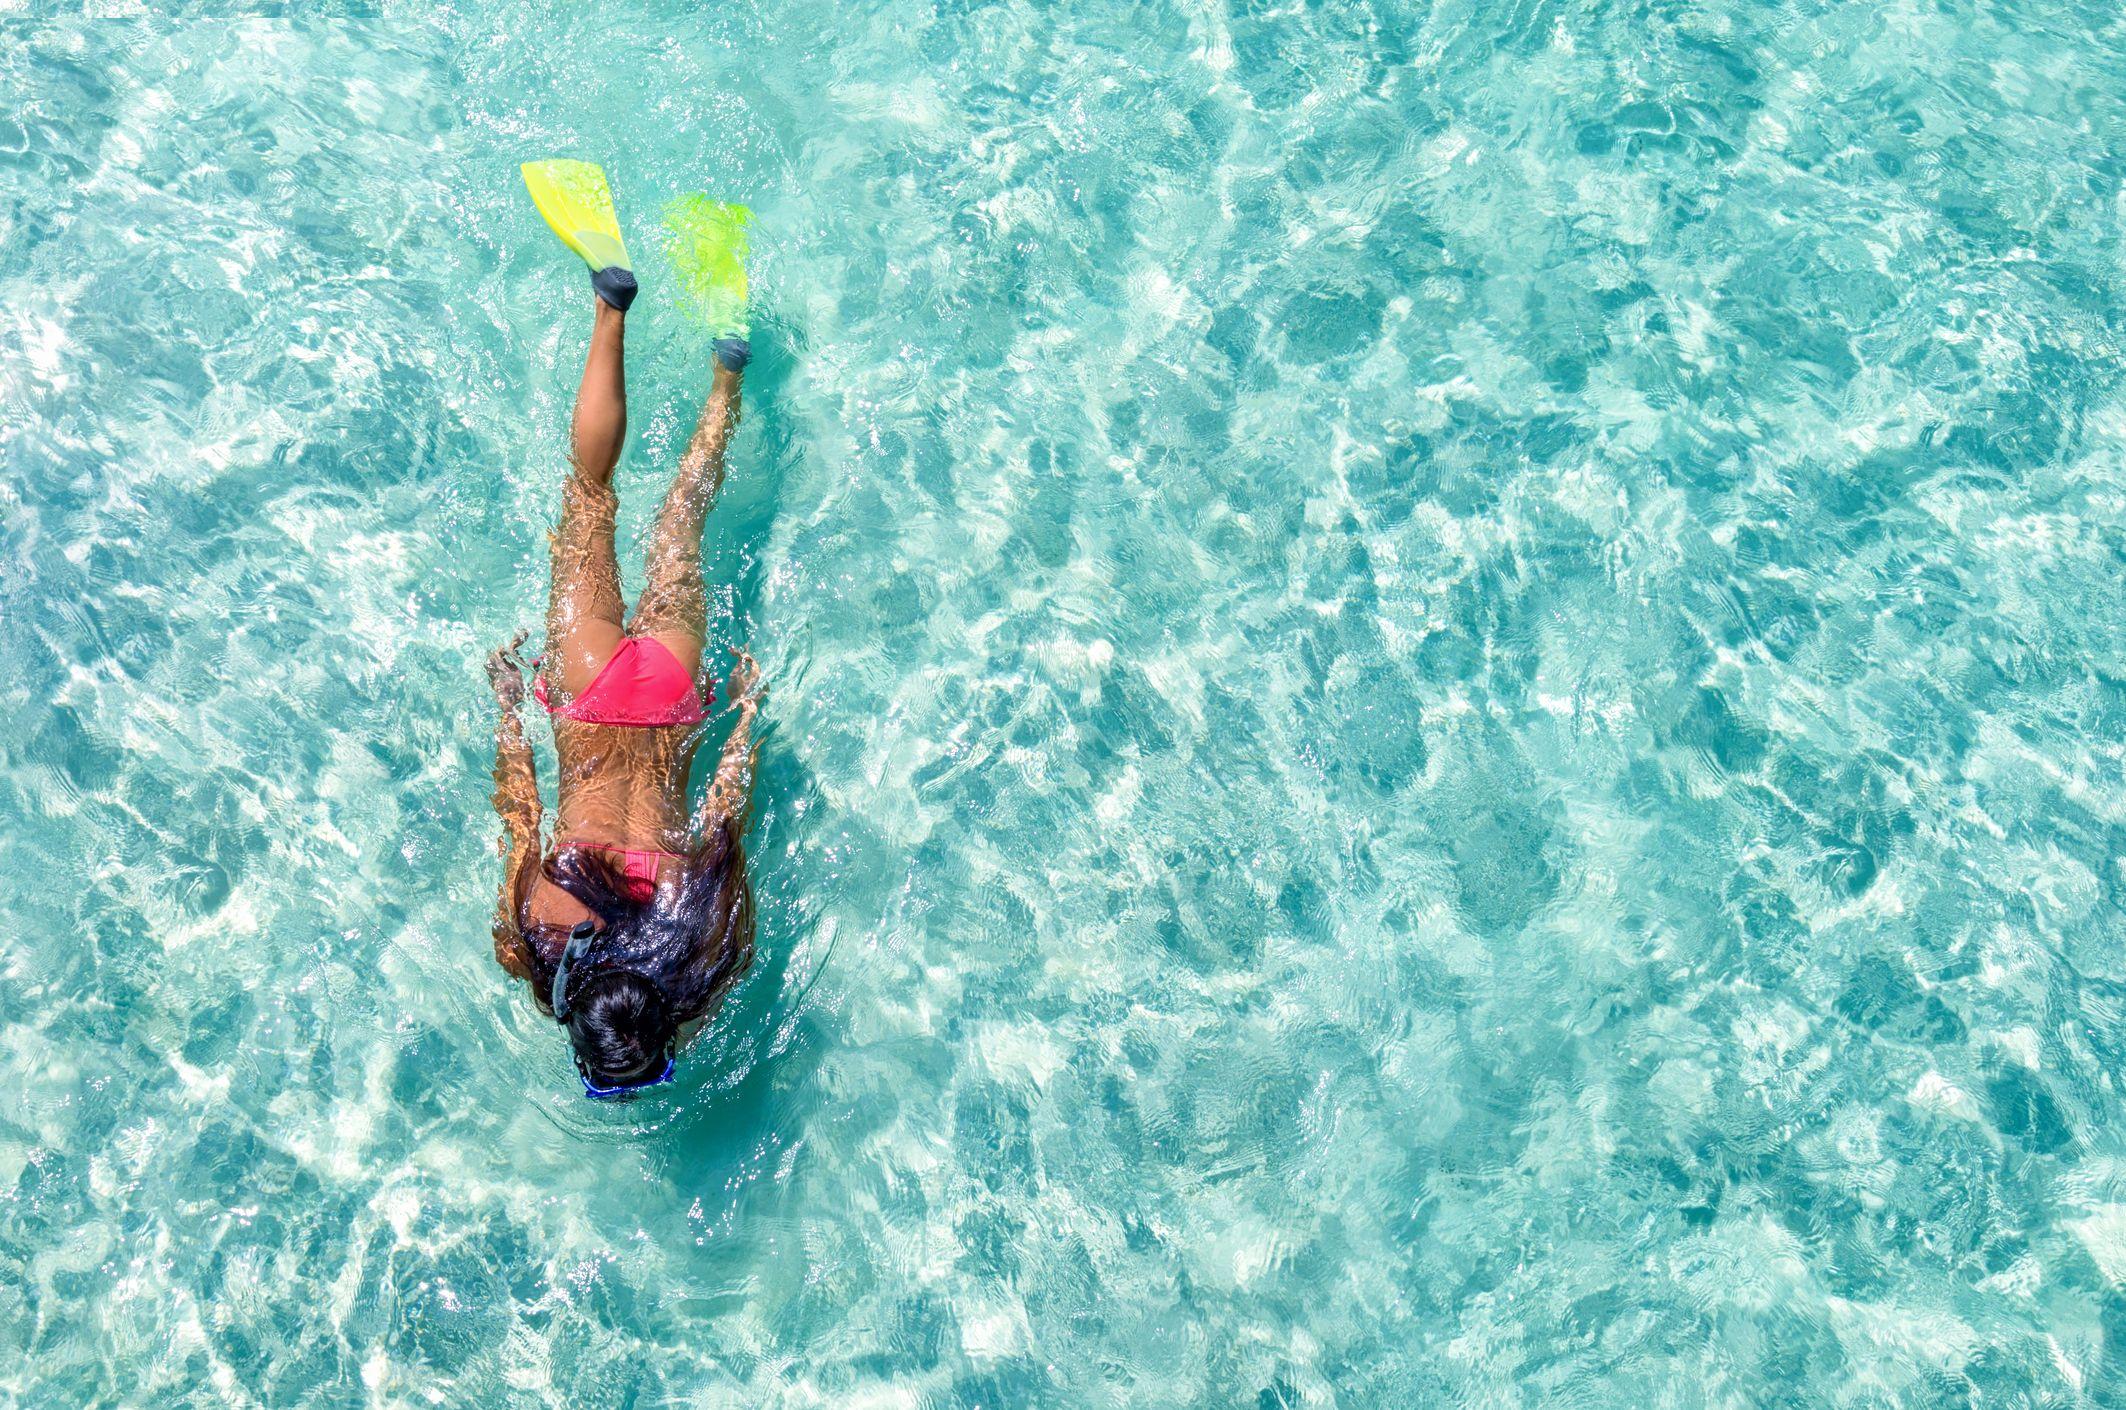 Beneficios de los deportes acuáticos Beneficios de los deportes acuáticos new picture